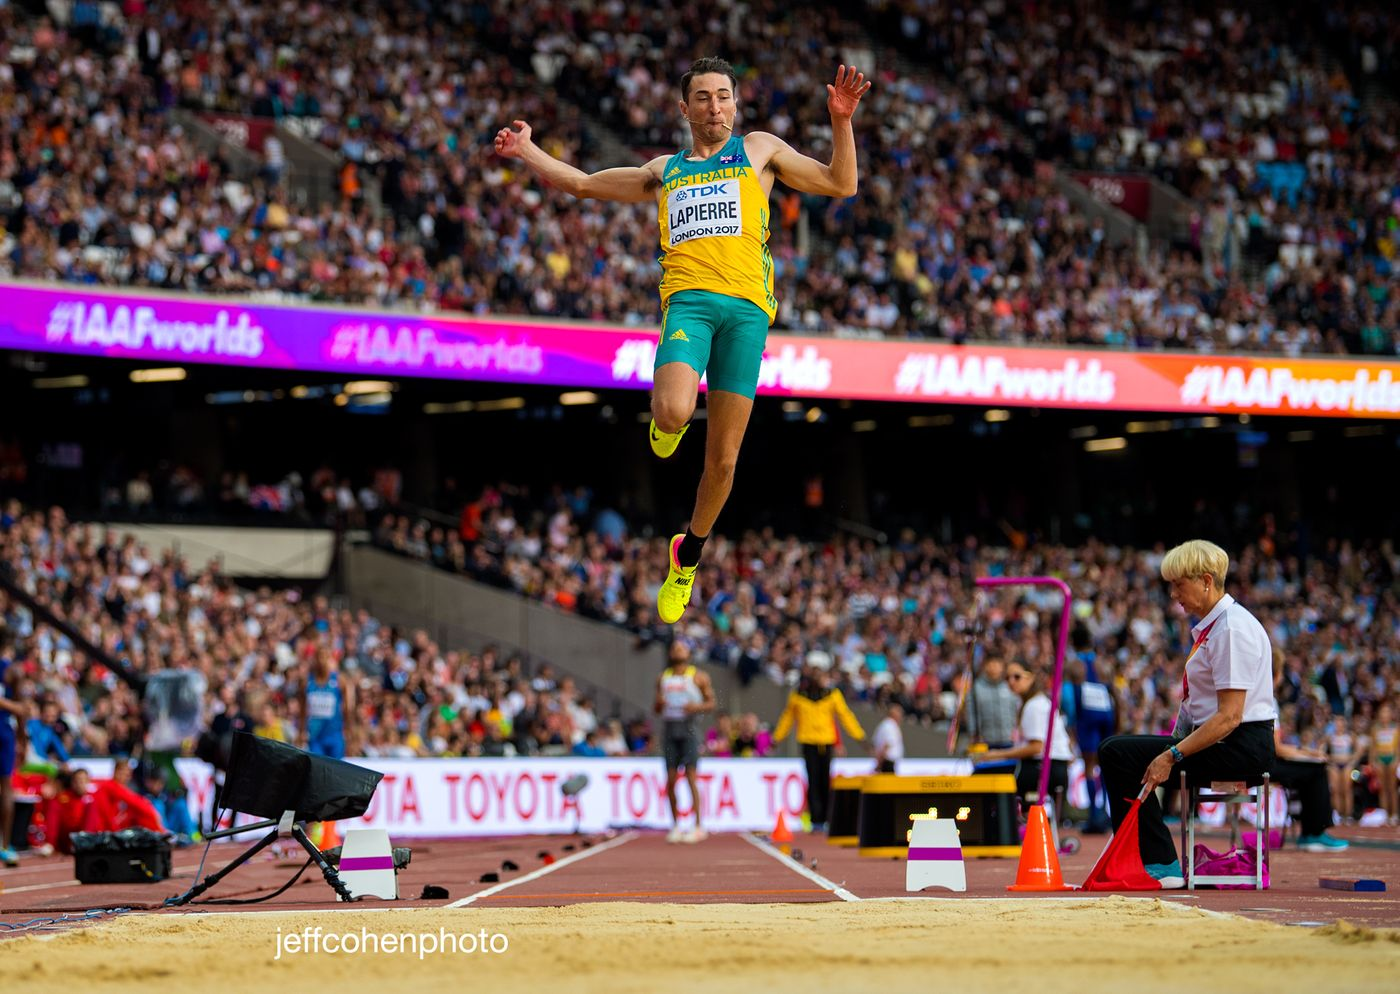 2017-IAAF-WC-London-day-1-lapierre-ljm-jeff-cohen-photo--3205-web.jpg